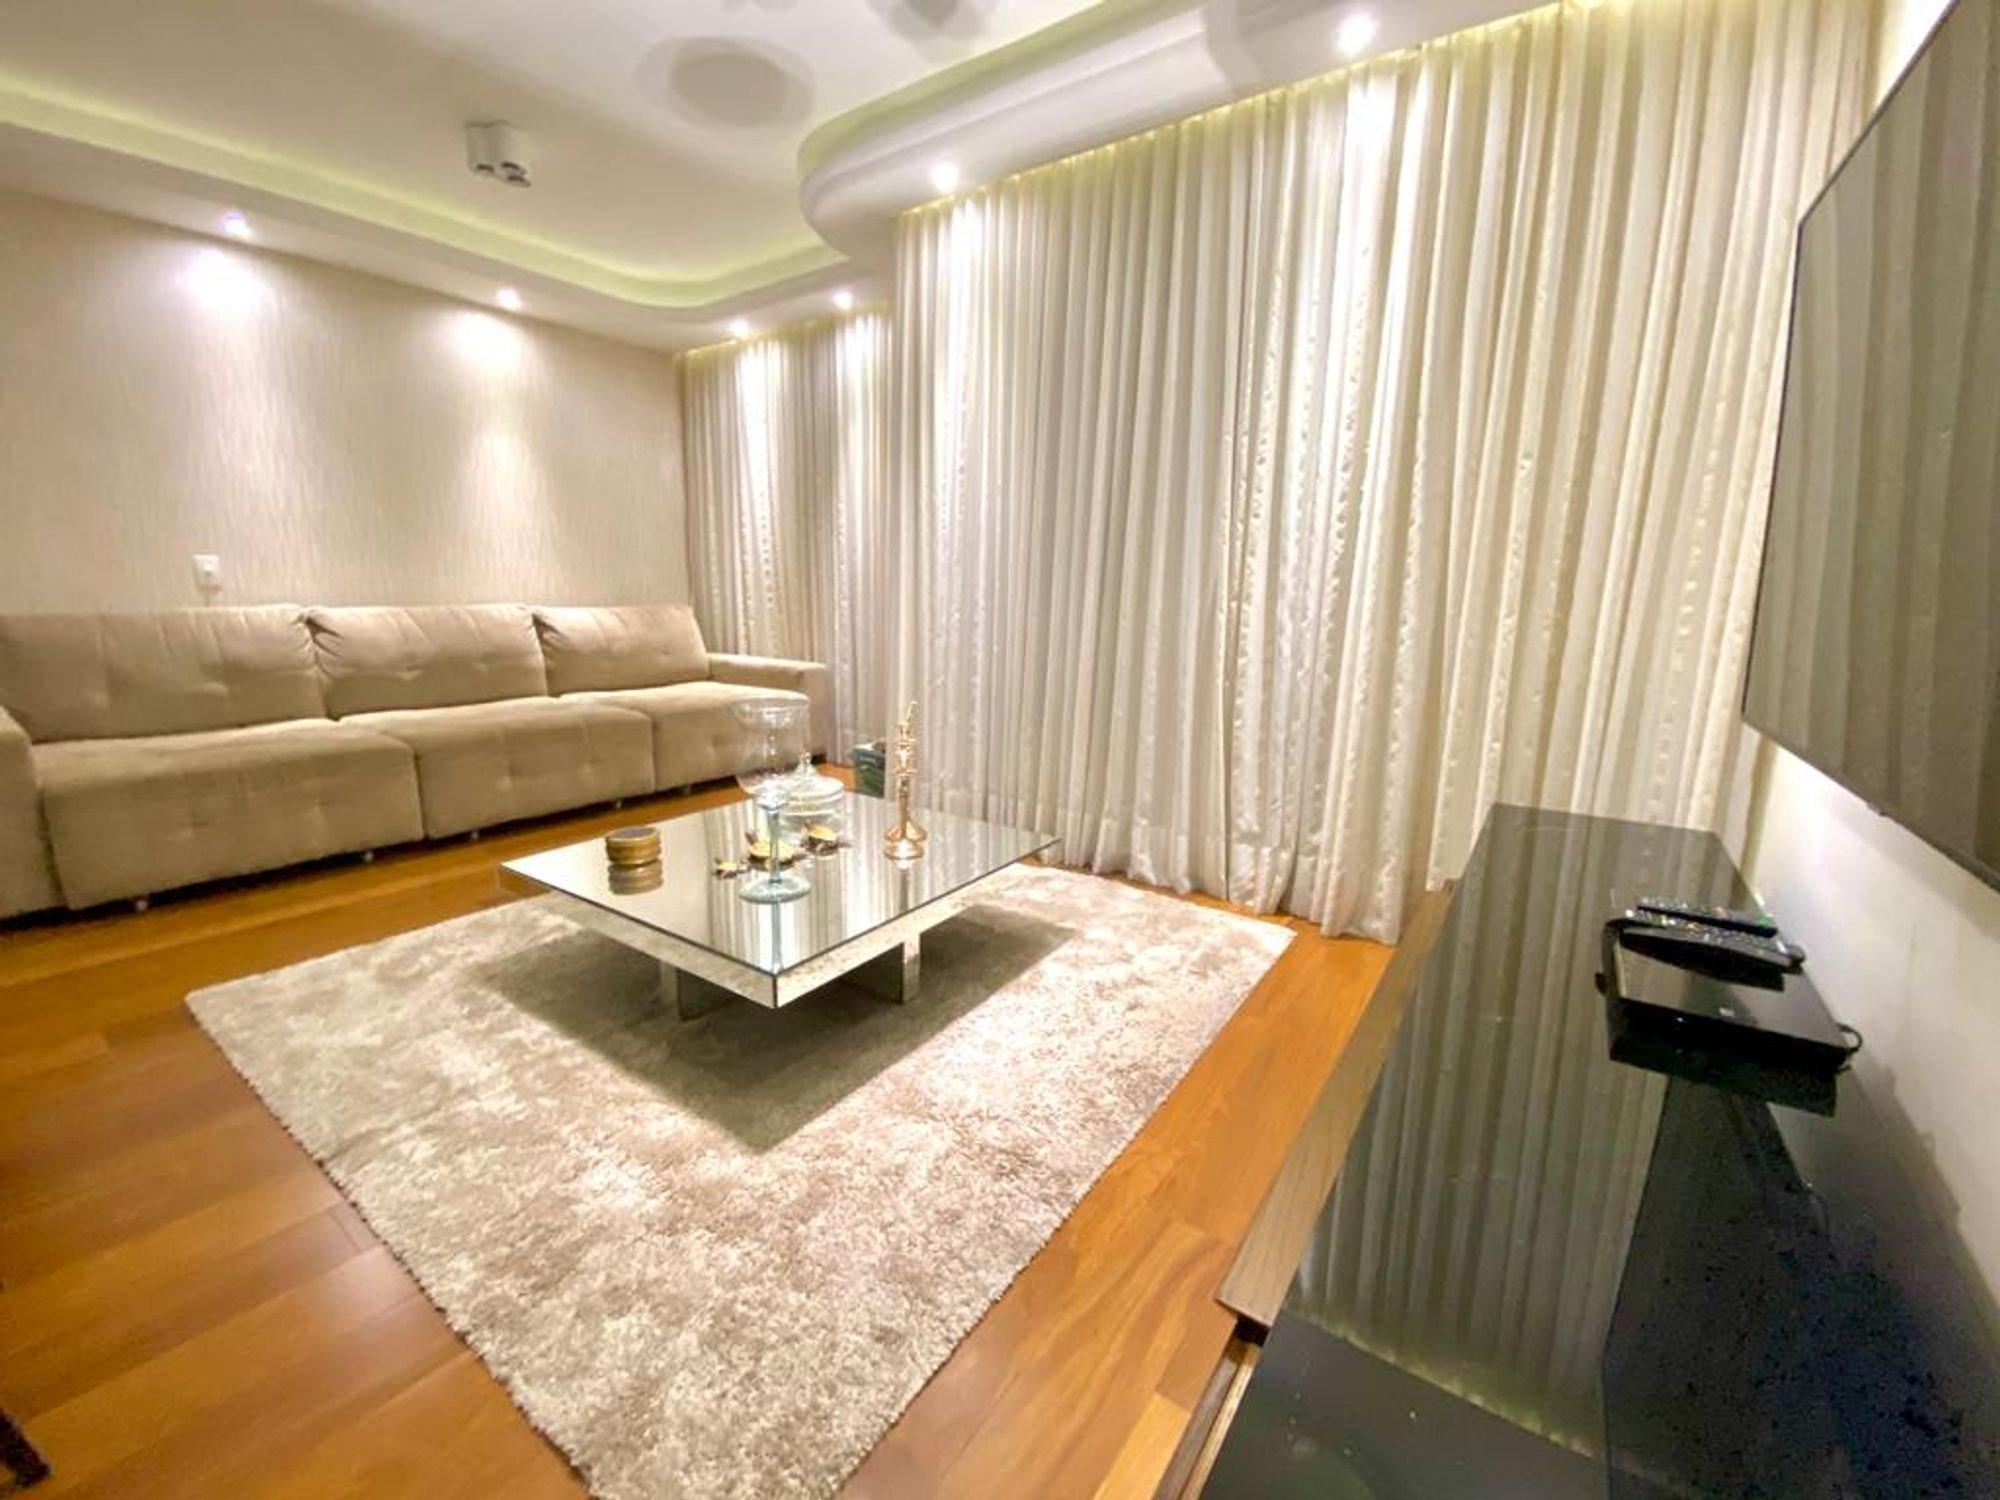 Foto de Sala com sofá, xícara